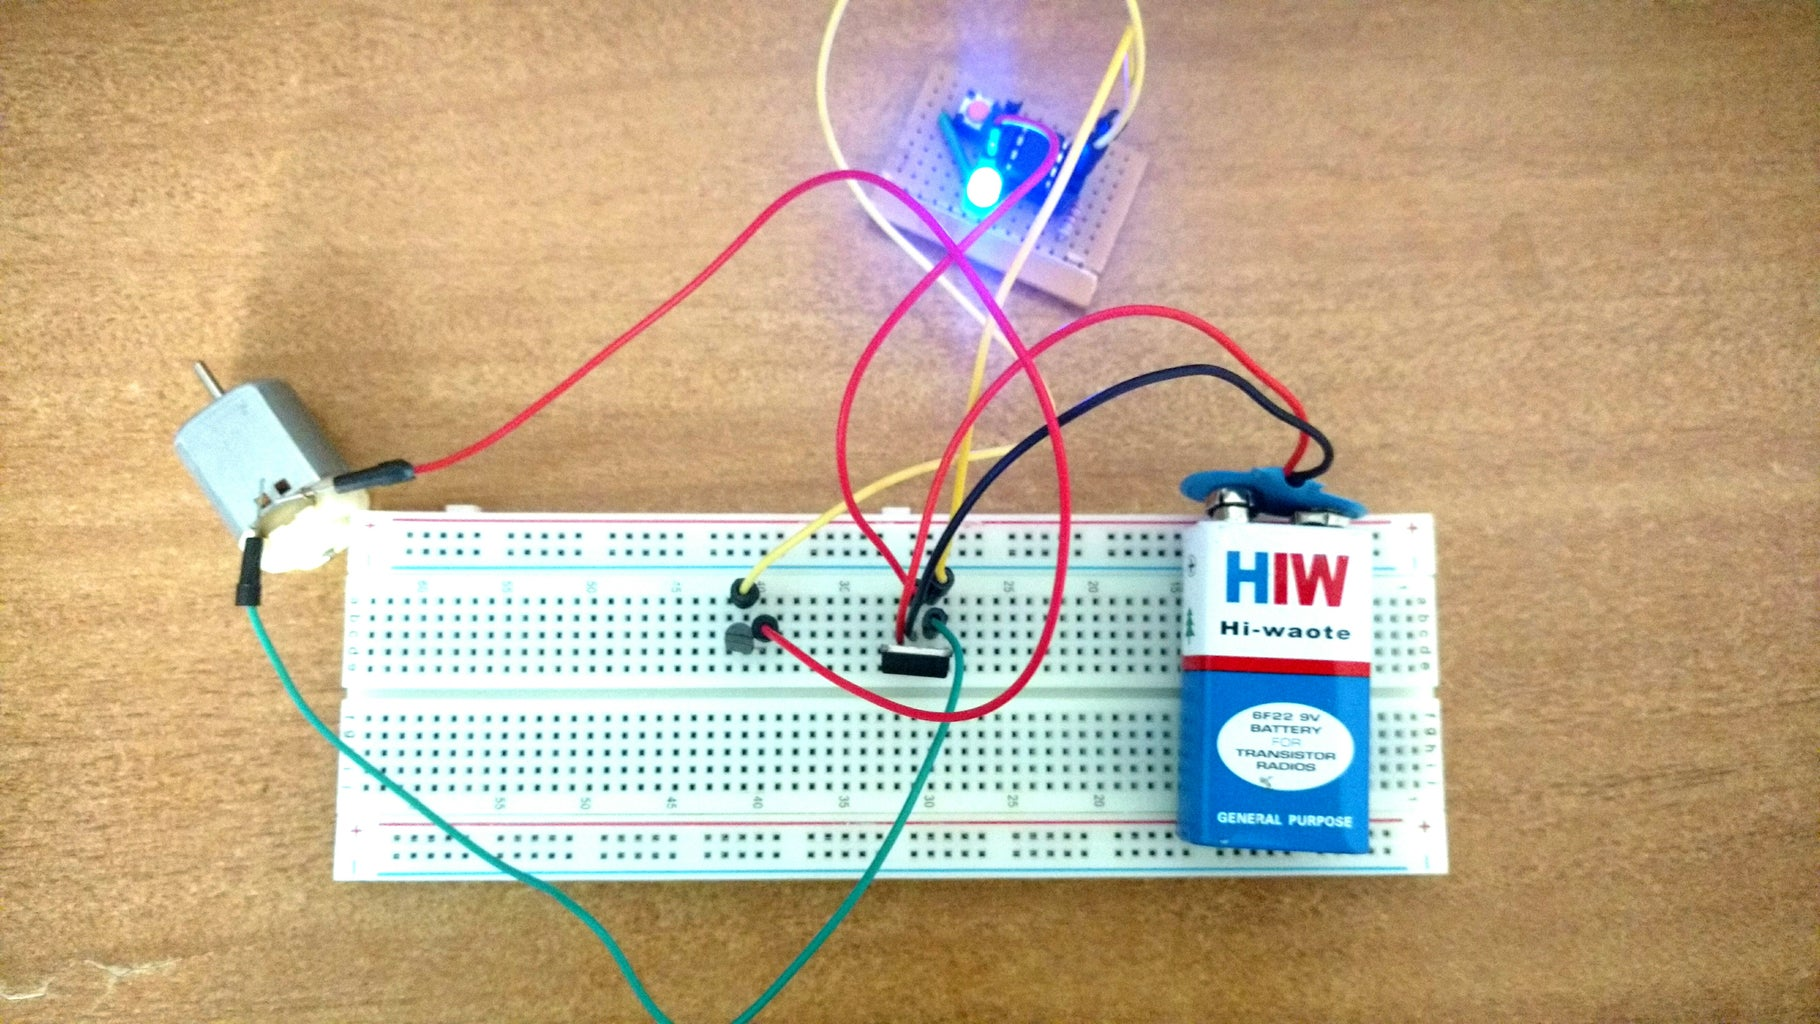 Using Transistor for Robotics